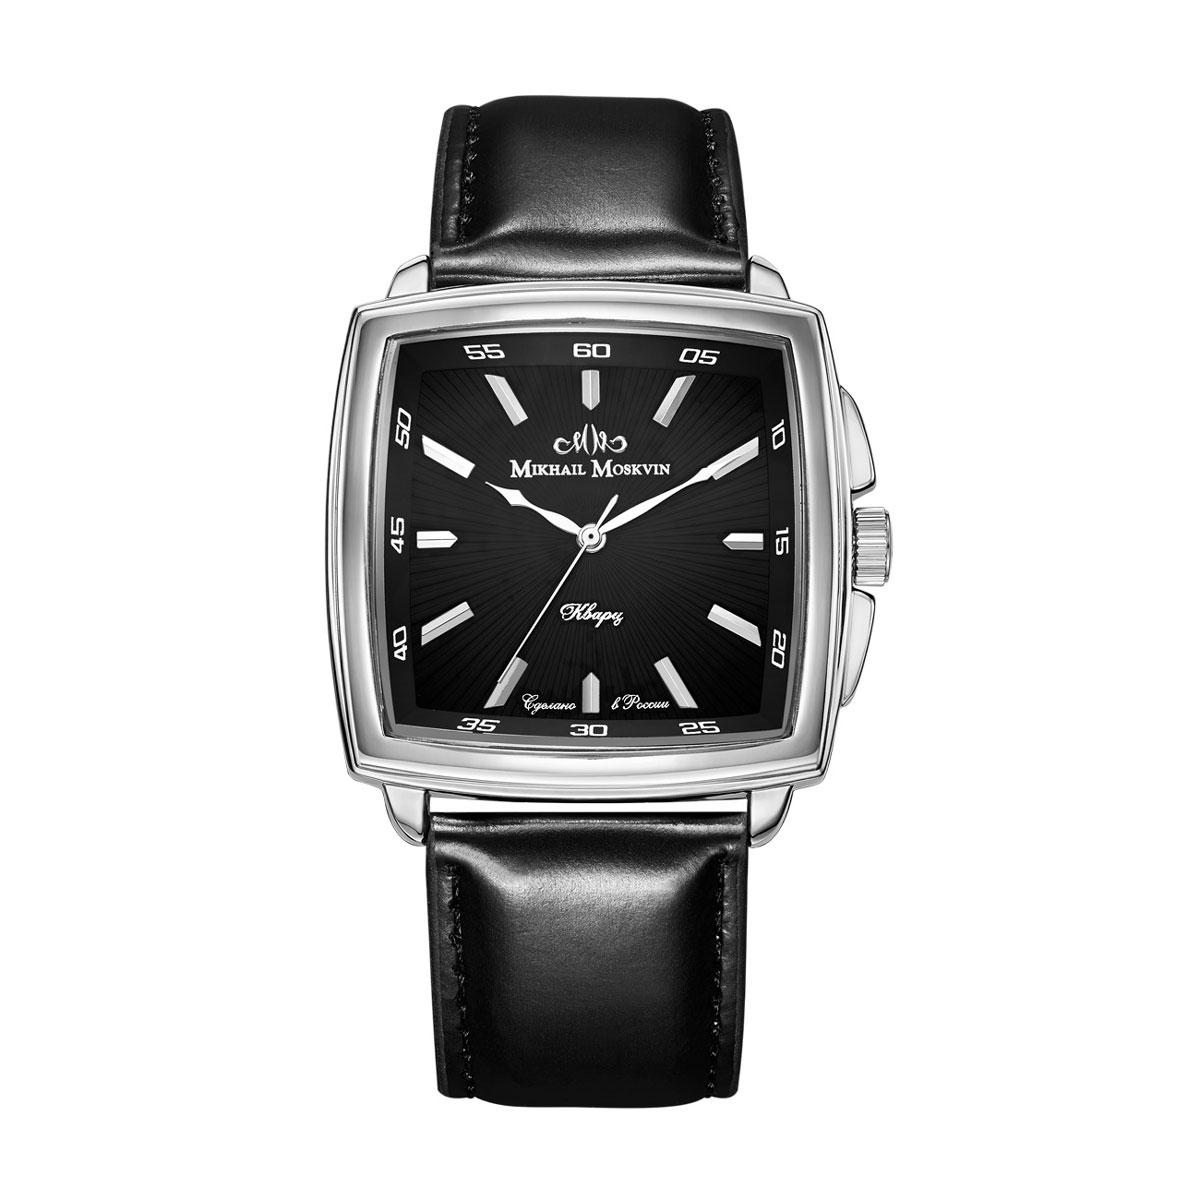 Часы мужские наручные Mikhail Moskvin, цвет: серебристый. 1039A1L51039A1L5Модель является достойным продолжателем элегантного стиля коллекции CLASSIC, выпущенной Угличским часовым заводом. В ней проявилась безграничность форм неповторимой часовой классики. Квадратный двухуровневый корпус шириной 43 мм со слегка выпуклыми боками дополнен небольшими ушками и скругленными предохранителями вокруг переводной головки и покрыт по современной технологии – ионным напылением стали. Поверхность черного циферблата гильоширована тонкими лучами, расходящимися от центра. Часовые индексы в виде стальных прямоугольных знаков продолжаются на скошенной рамке циферблаты обозначением позиций минут. Высокоточный японский кварцевый механизм, производства фирмы Seiko Epson, оснащен часовой, минутной и секундной стрелками. Срок службы элемента питания 2 года. Гладкий черный ремень со стальной застежкой - гарантируют комфорт и надежность.